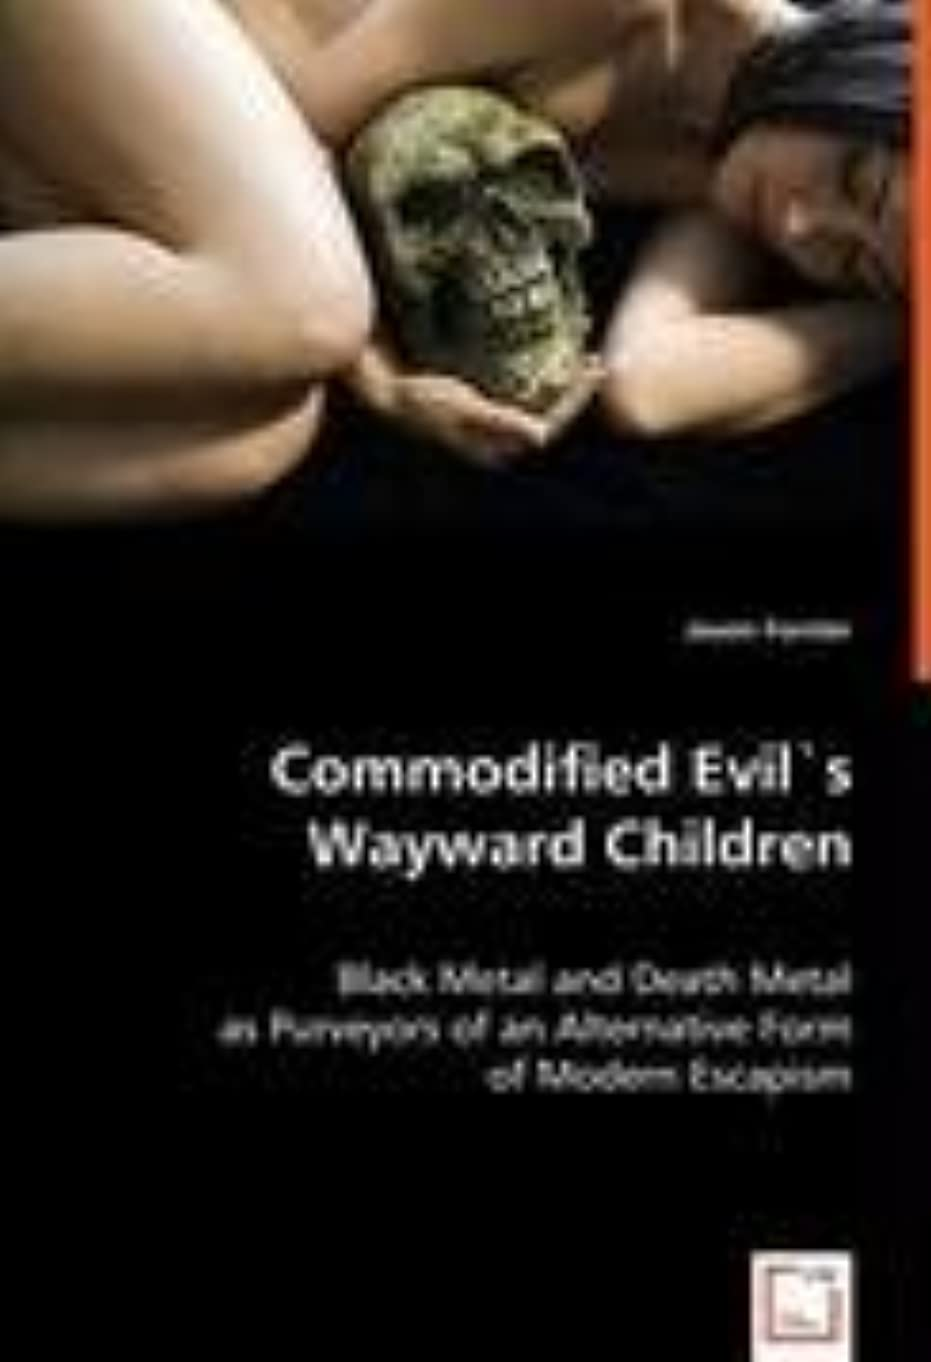 試み普遍的な事業内容Commodified Evil's Wayward Children